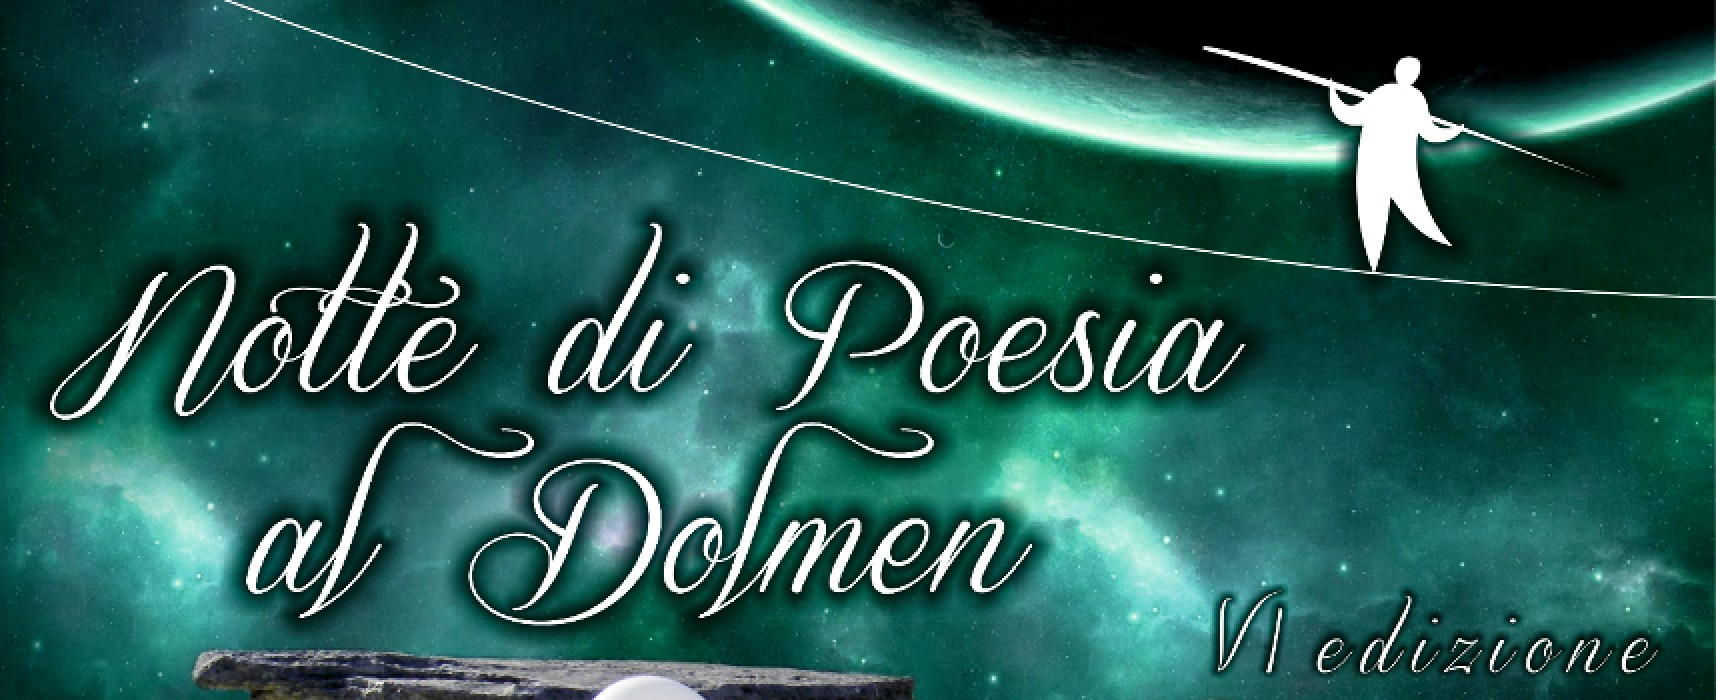 """Si avvicina la VI edizione di """"Notte di Poesia al Dolmen"""": ecco i nomi dei protagonisti della serata"""